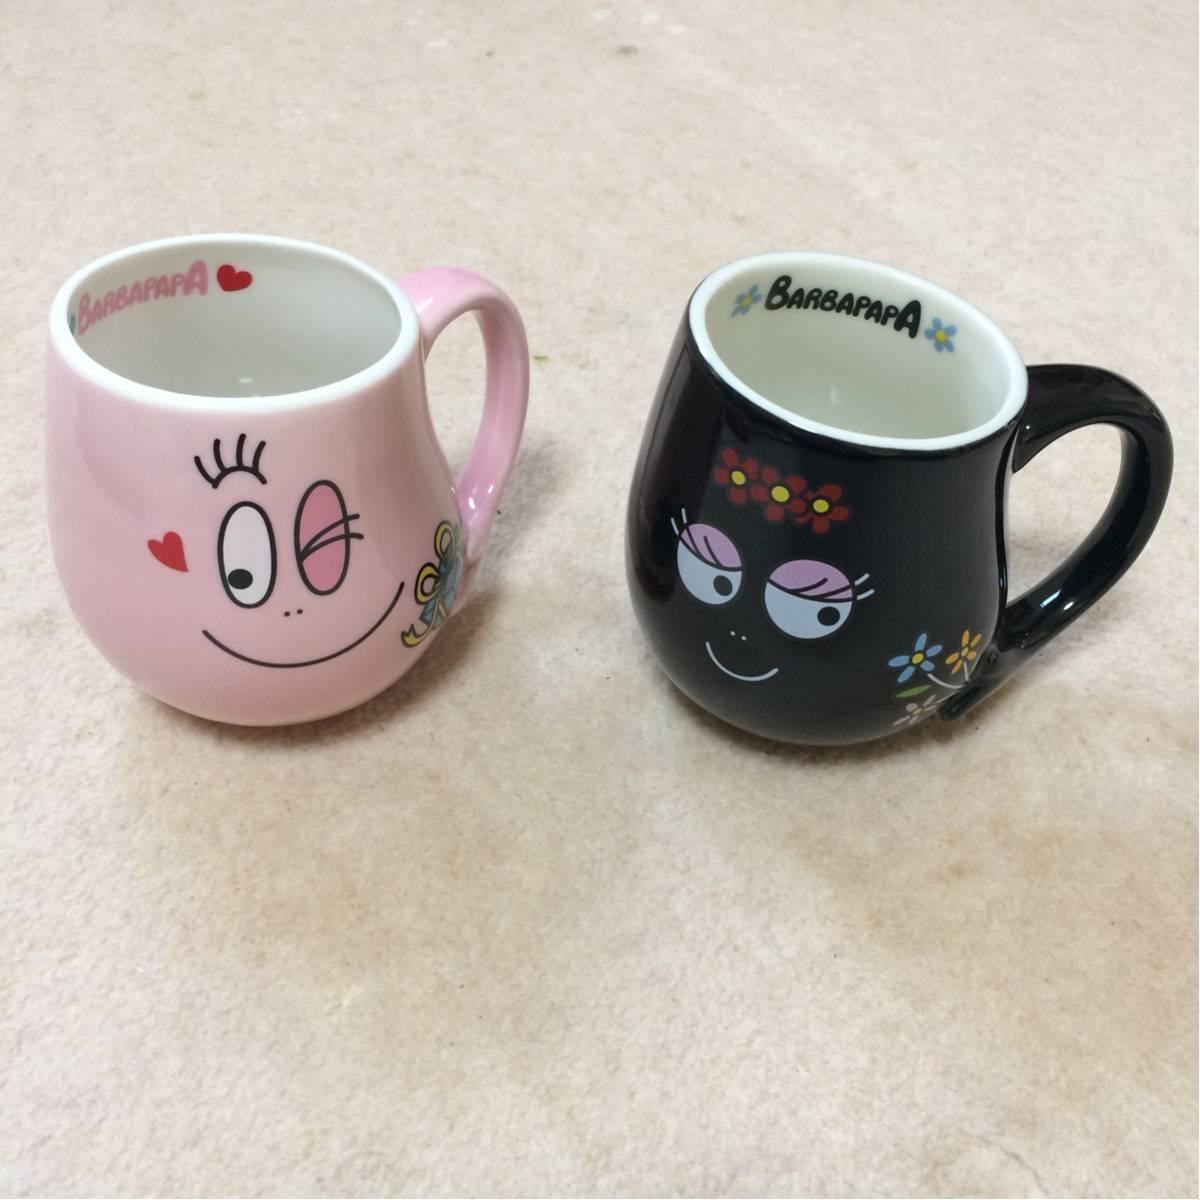 バーバパパ★マグカップ2個セット★未使用品 グッズの画像